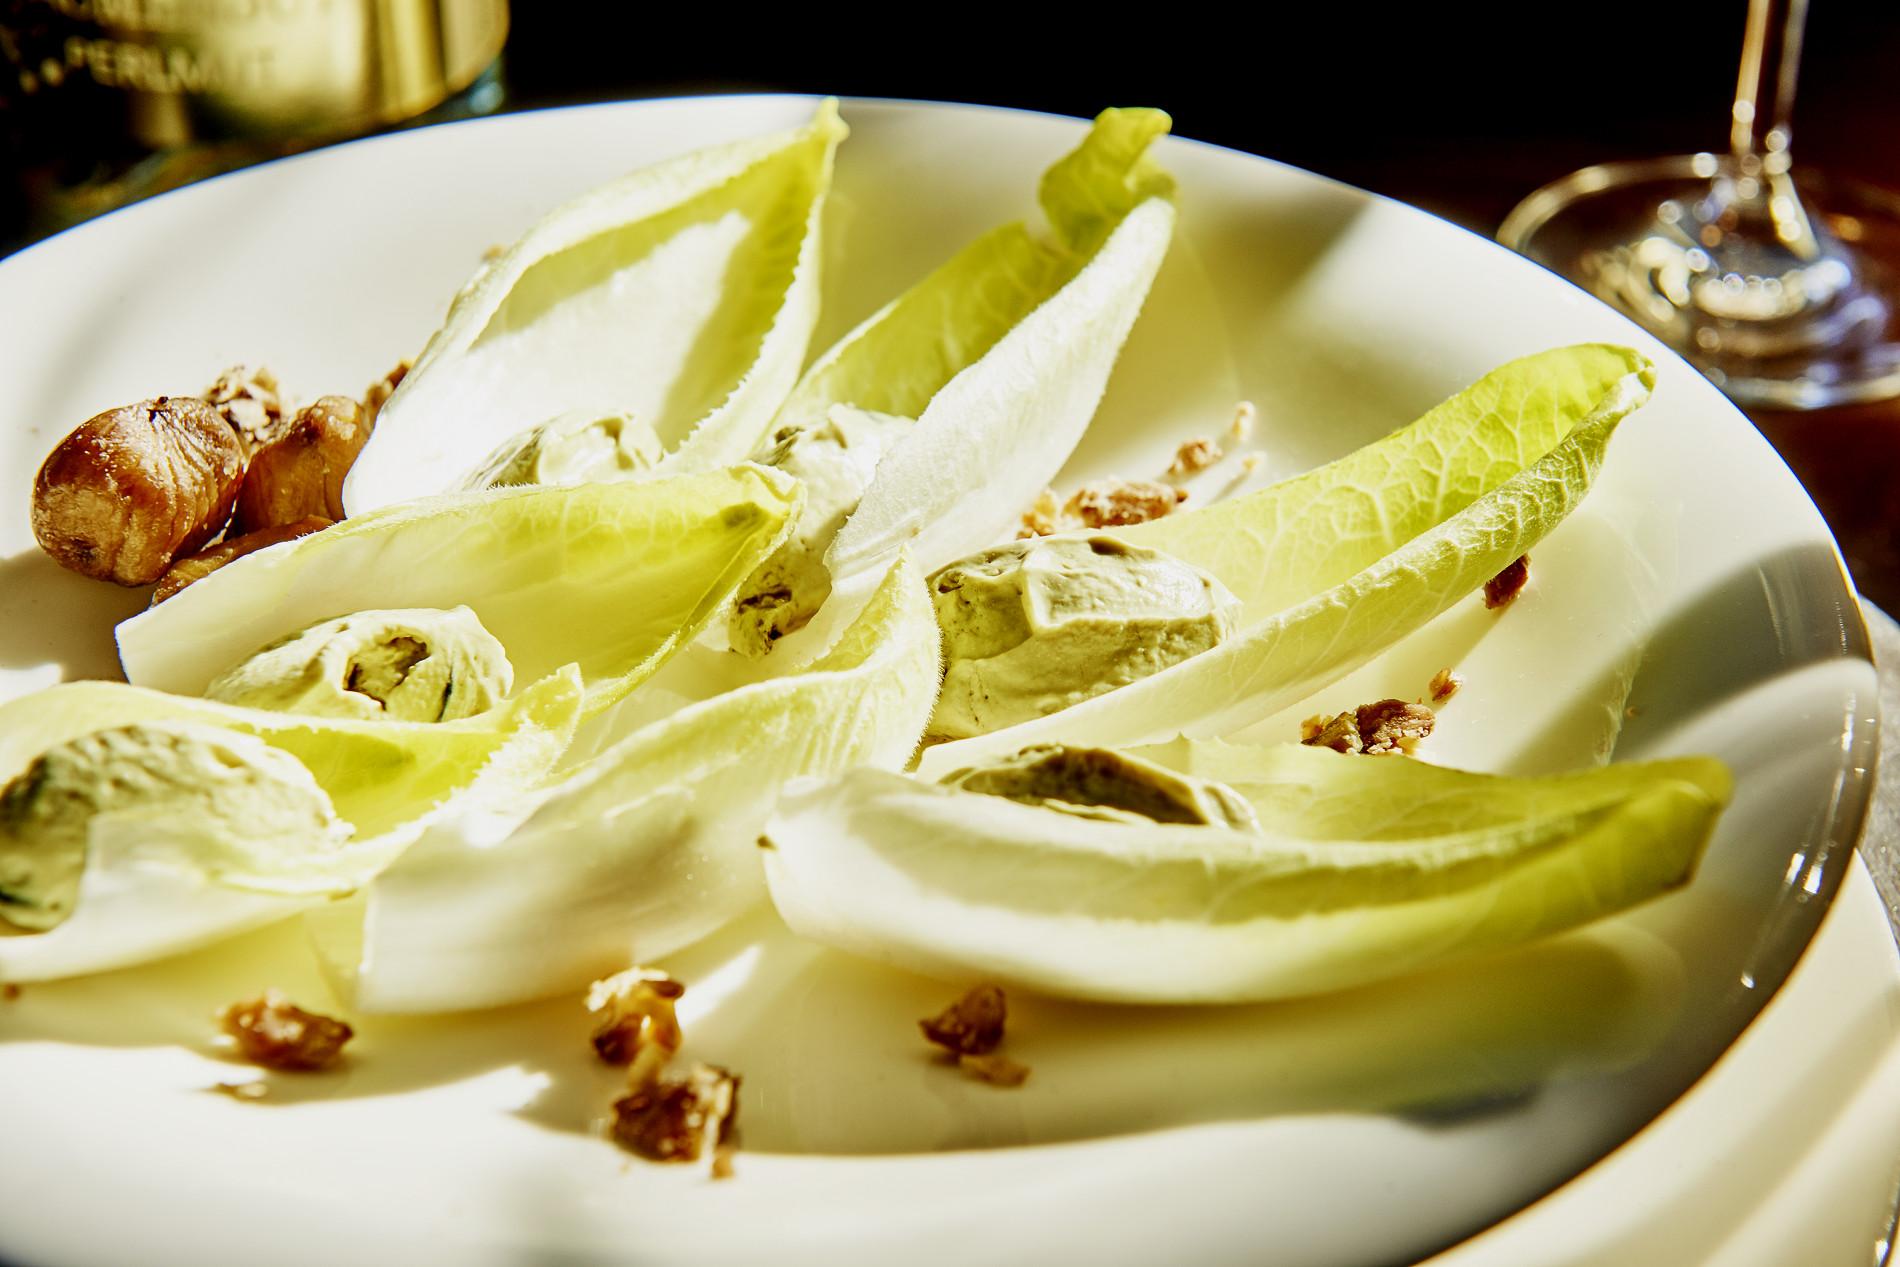 Chicorée gefüllt mit Maroni-Kürbiscreme